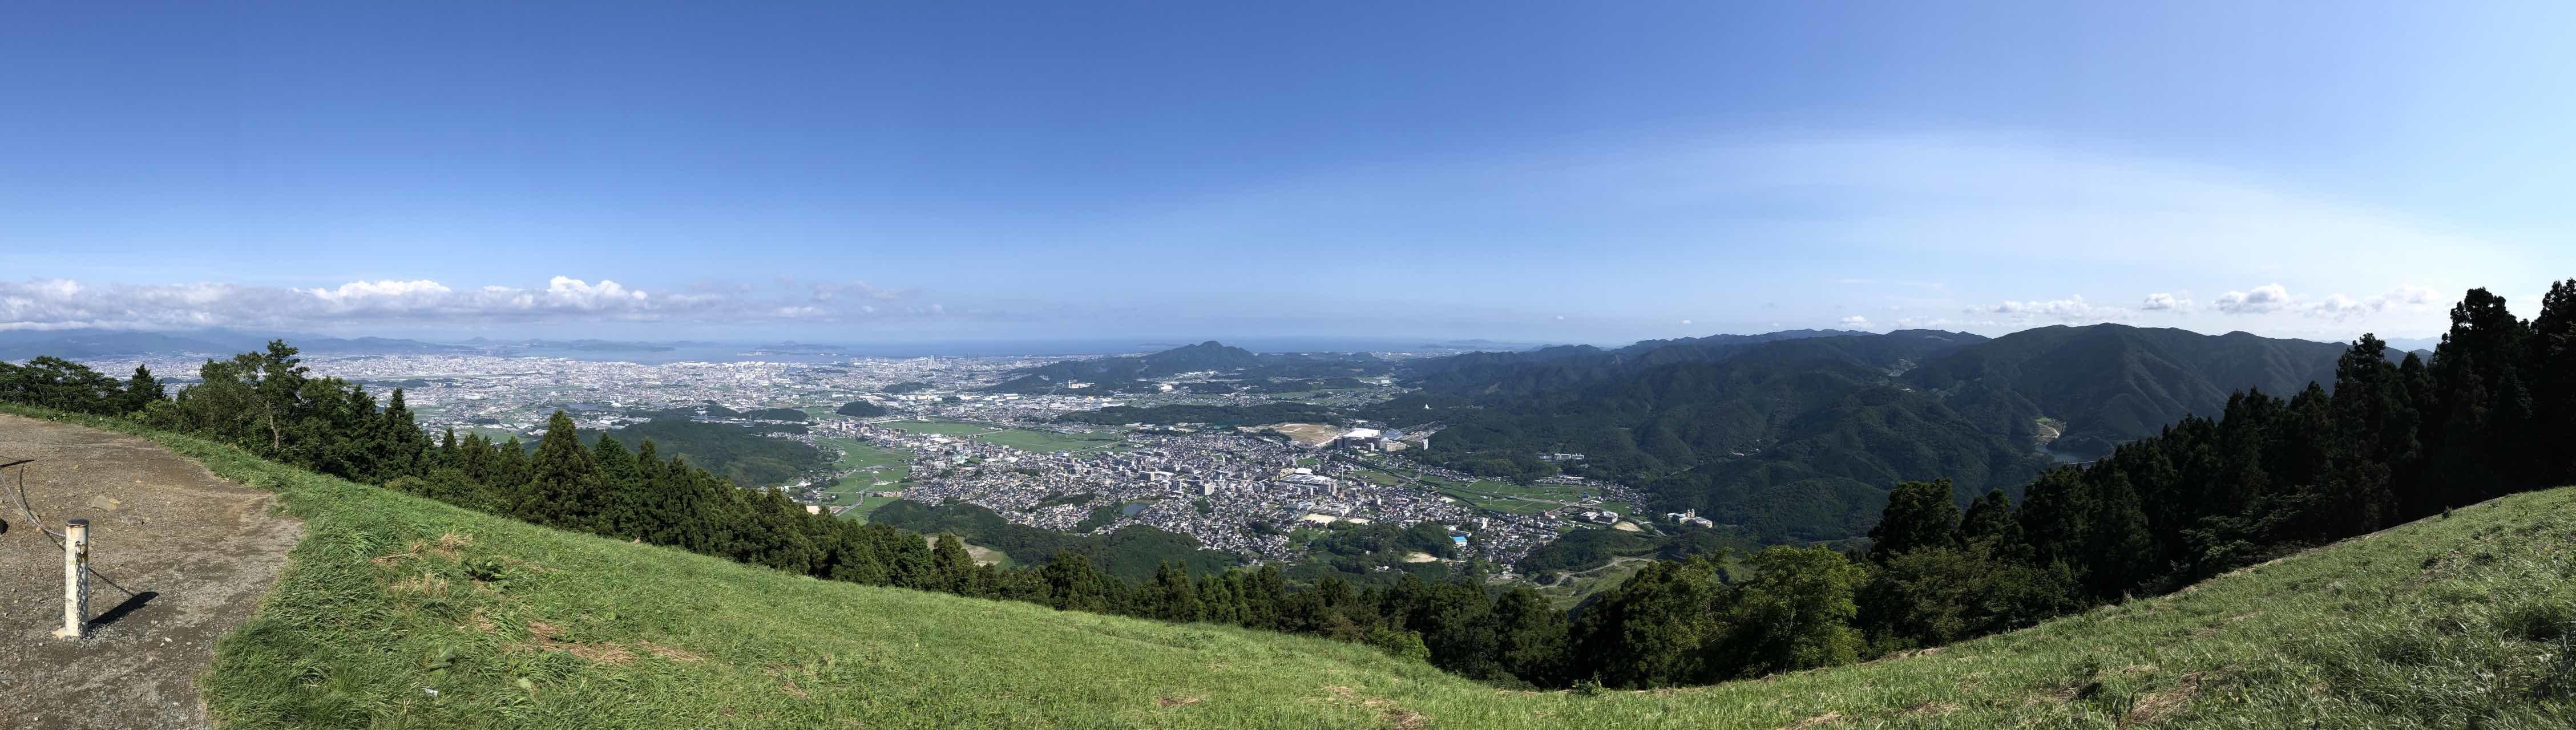 米の山展望台より_b0023047_03392128.jpg